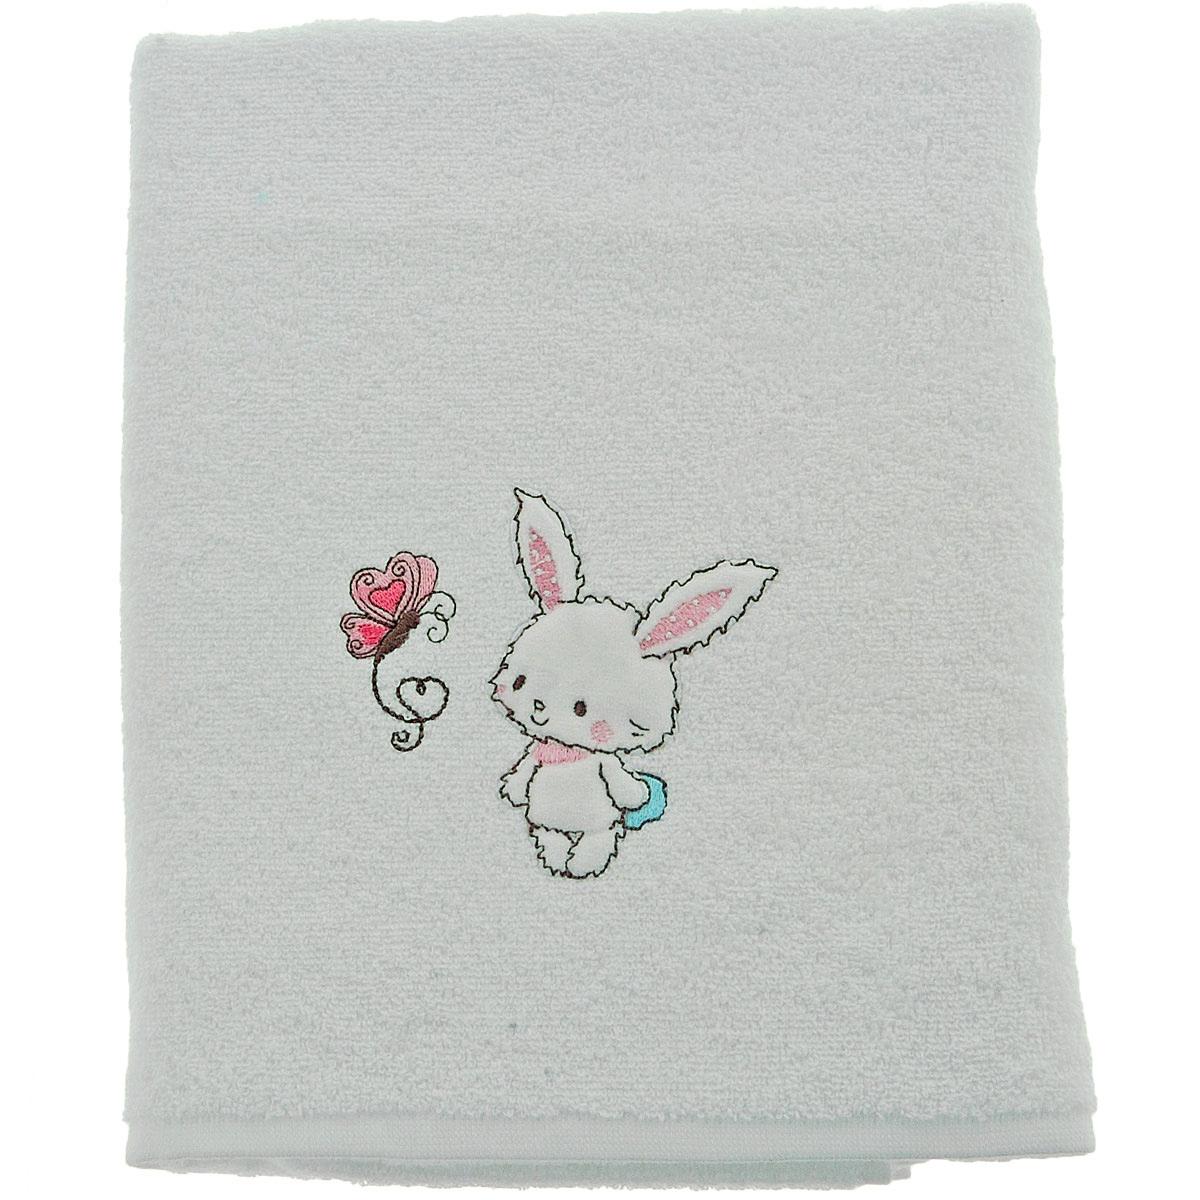 drap douche 70x130cm brod baby rabbit blanc homebain vente en ligne draps de douche. Black Bedroom Furniture Sets. Home Design Ideas